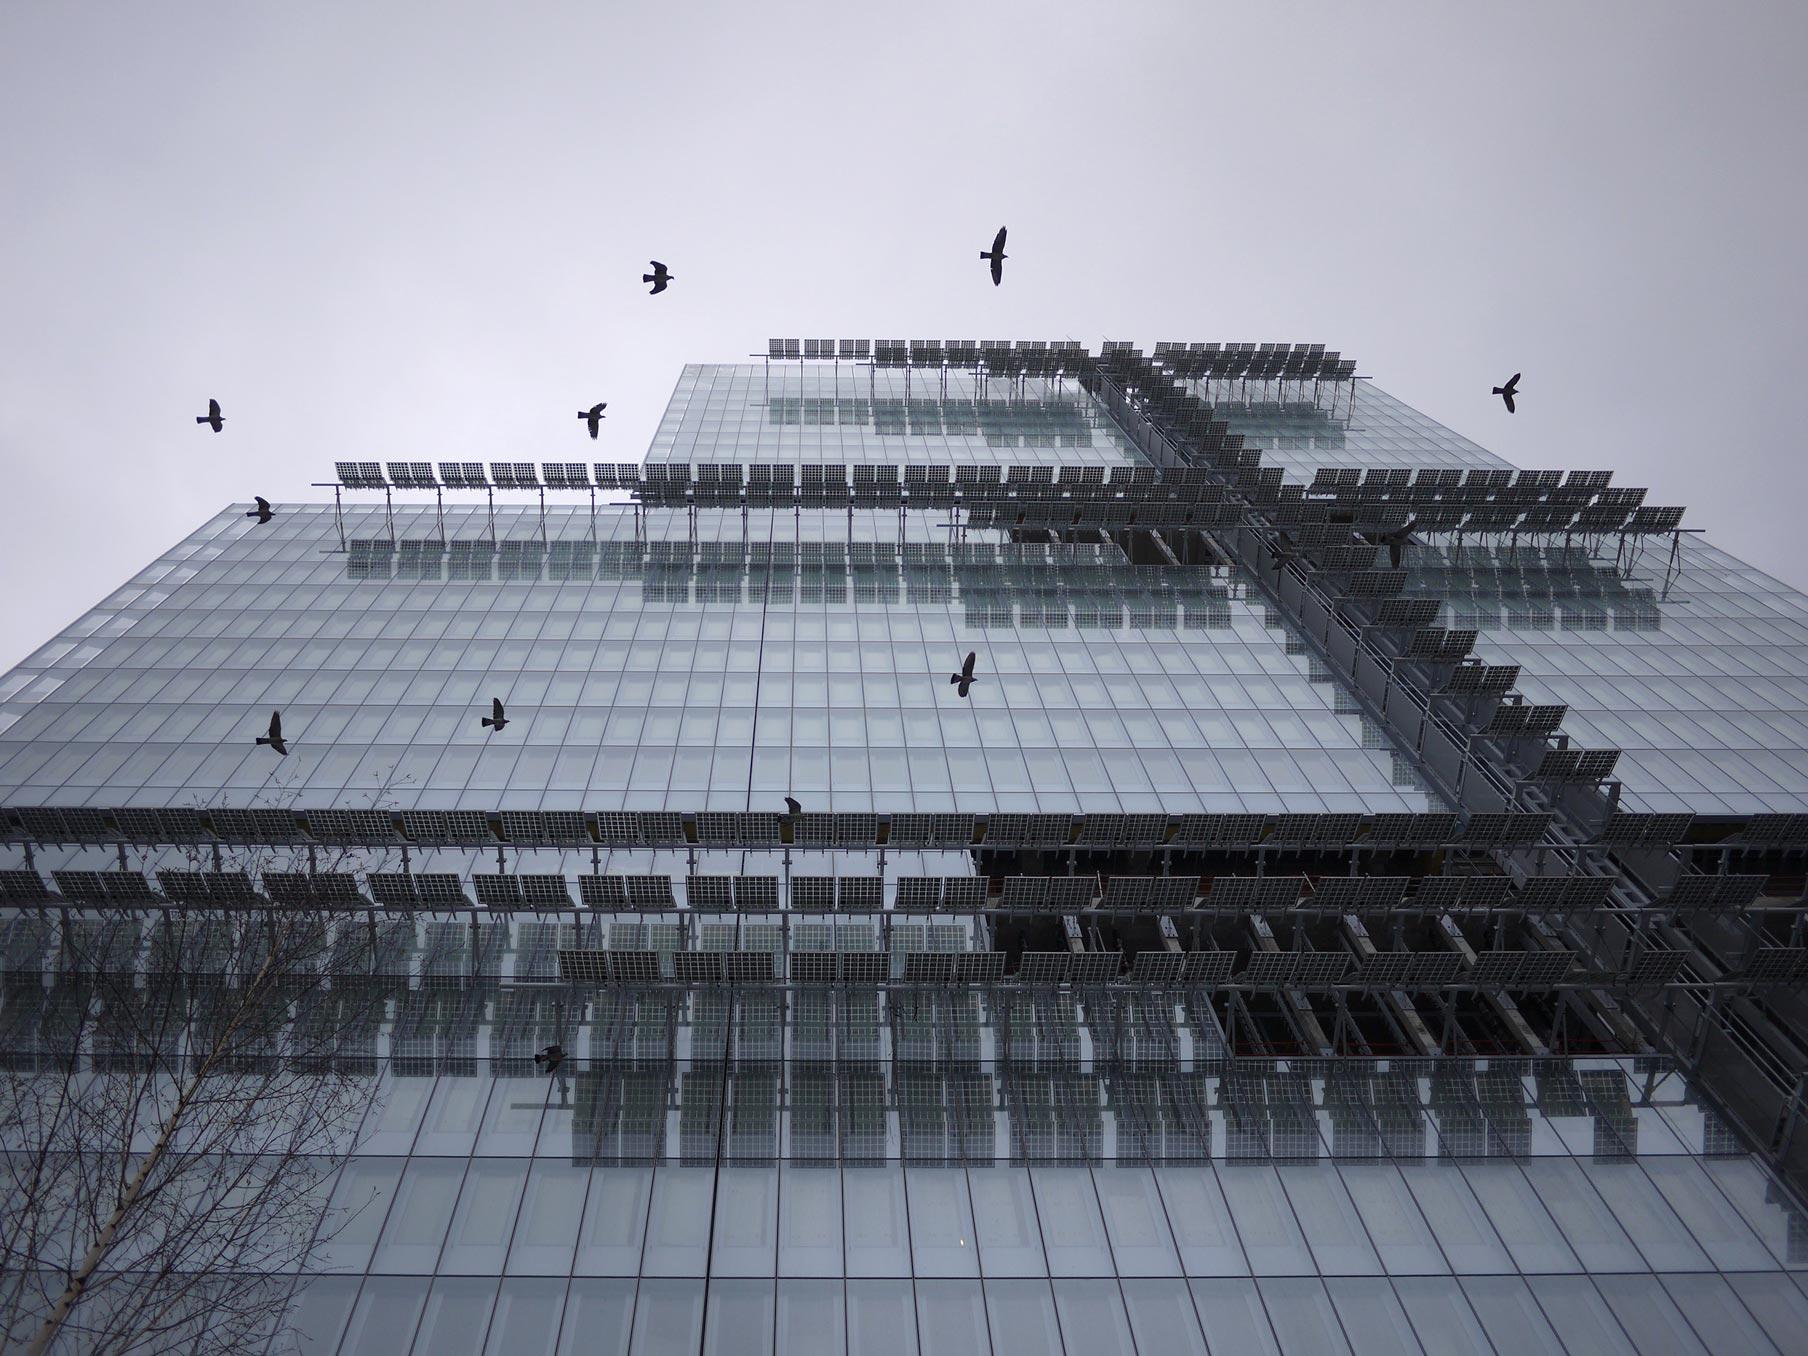 Pannelli fotovoltaici Tribunale Parigi Renzo Piano